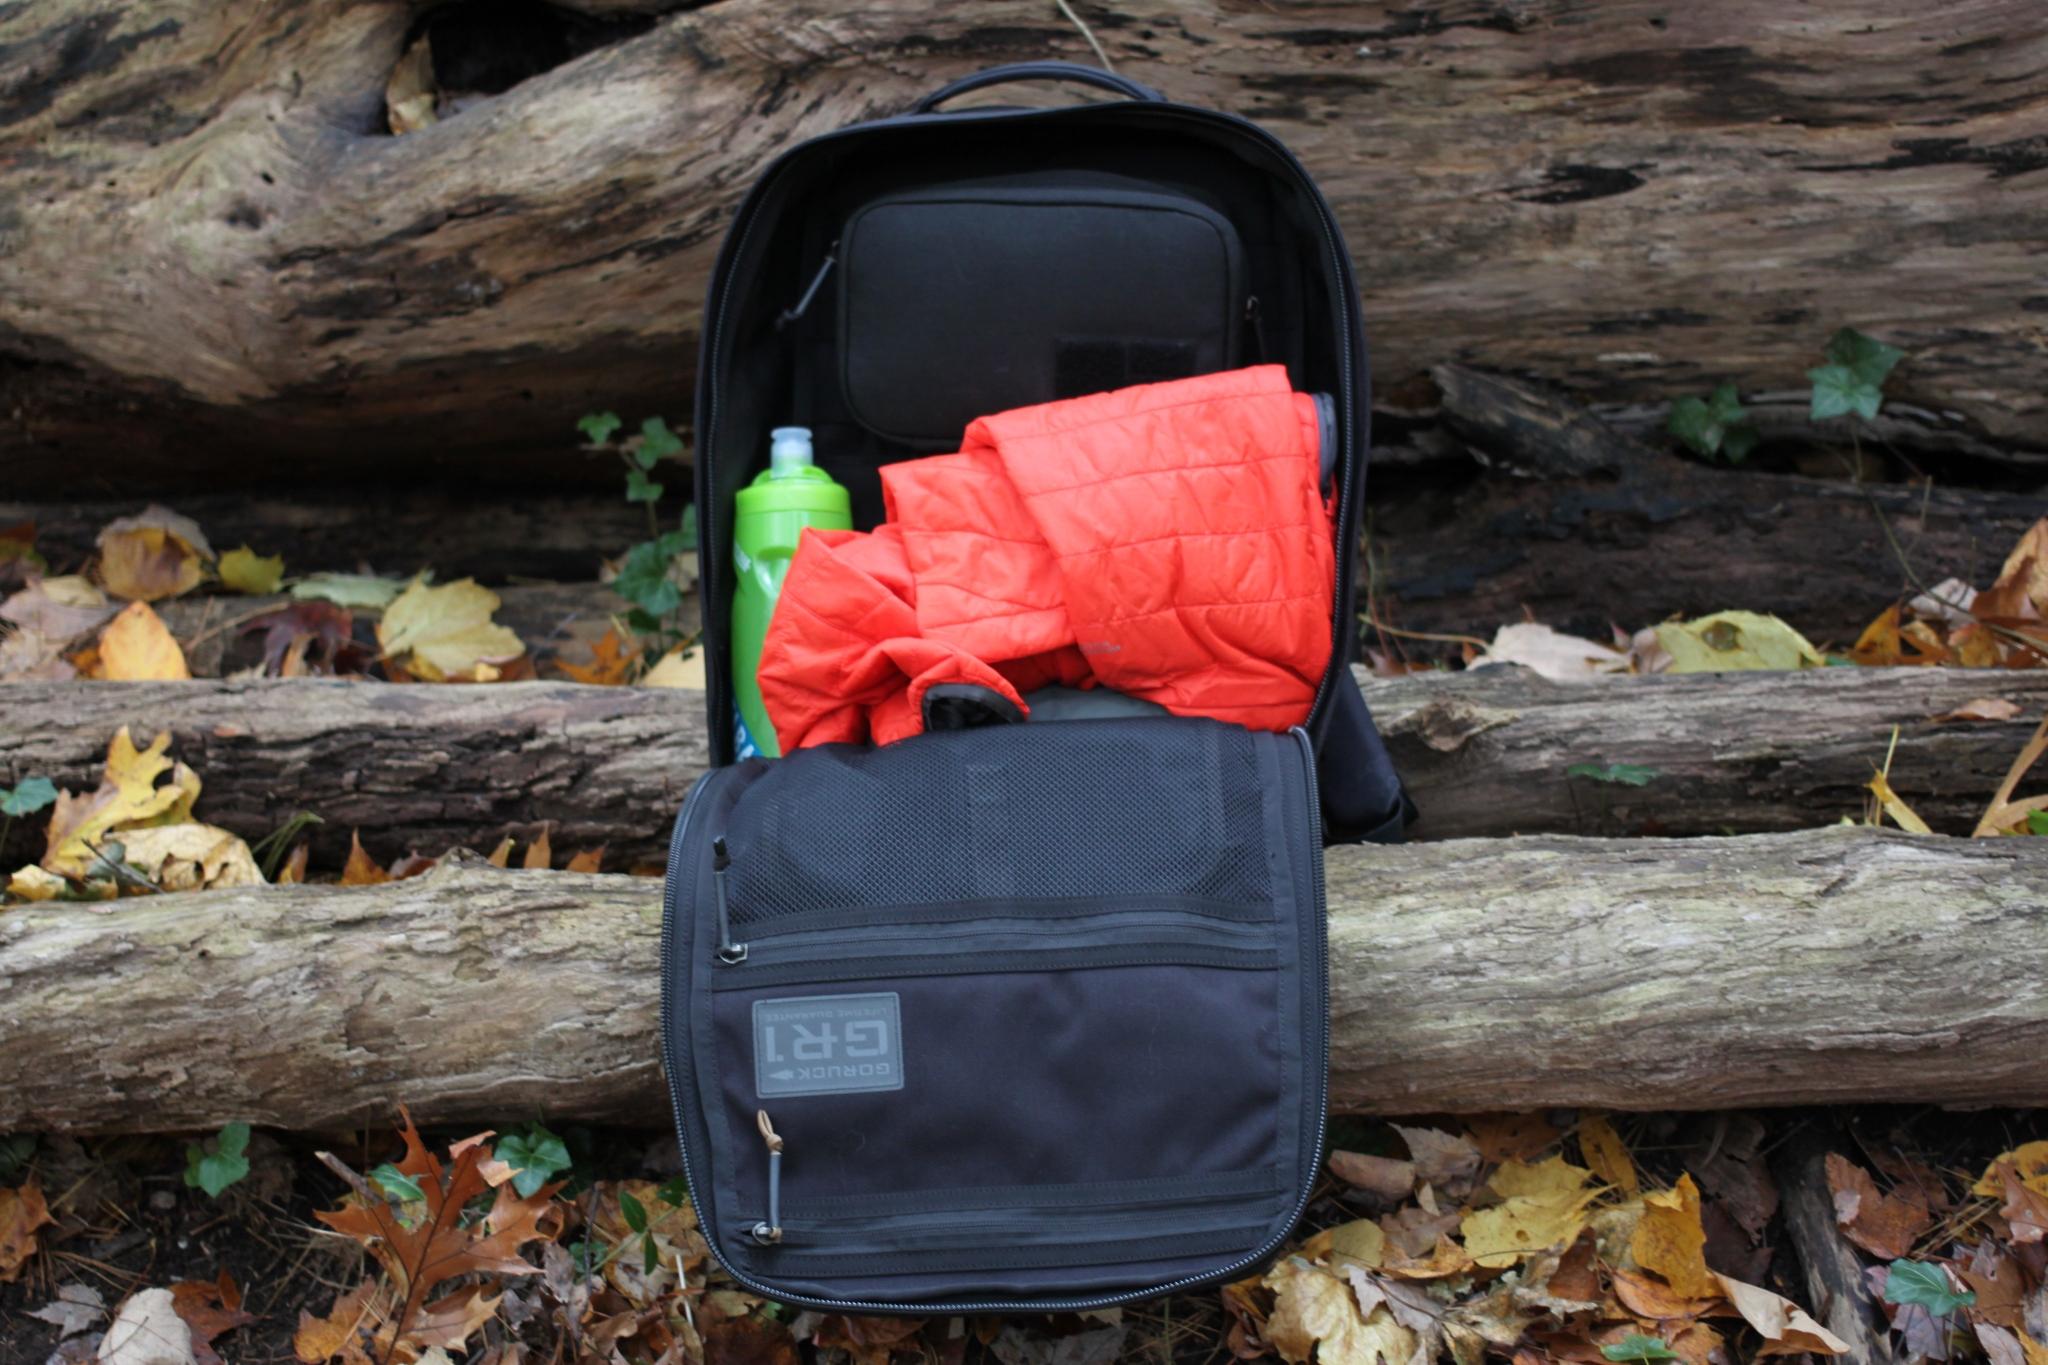 goruck gr1 review loadout inside field pocket